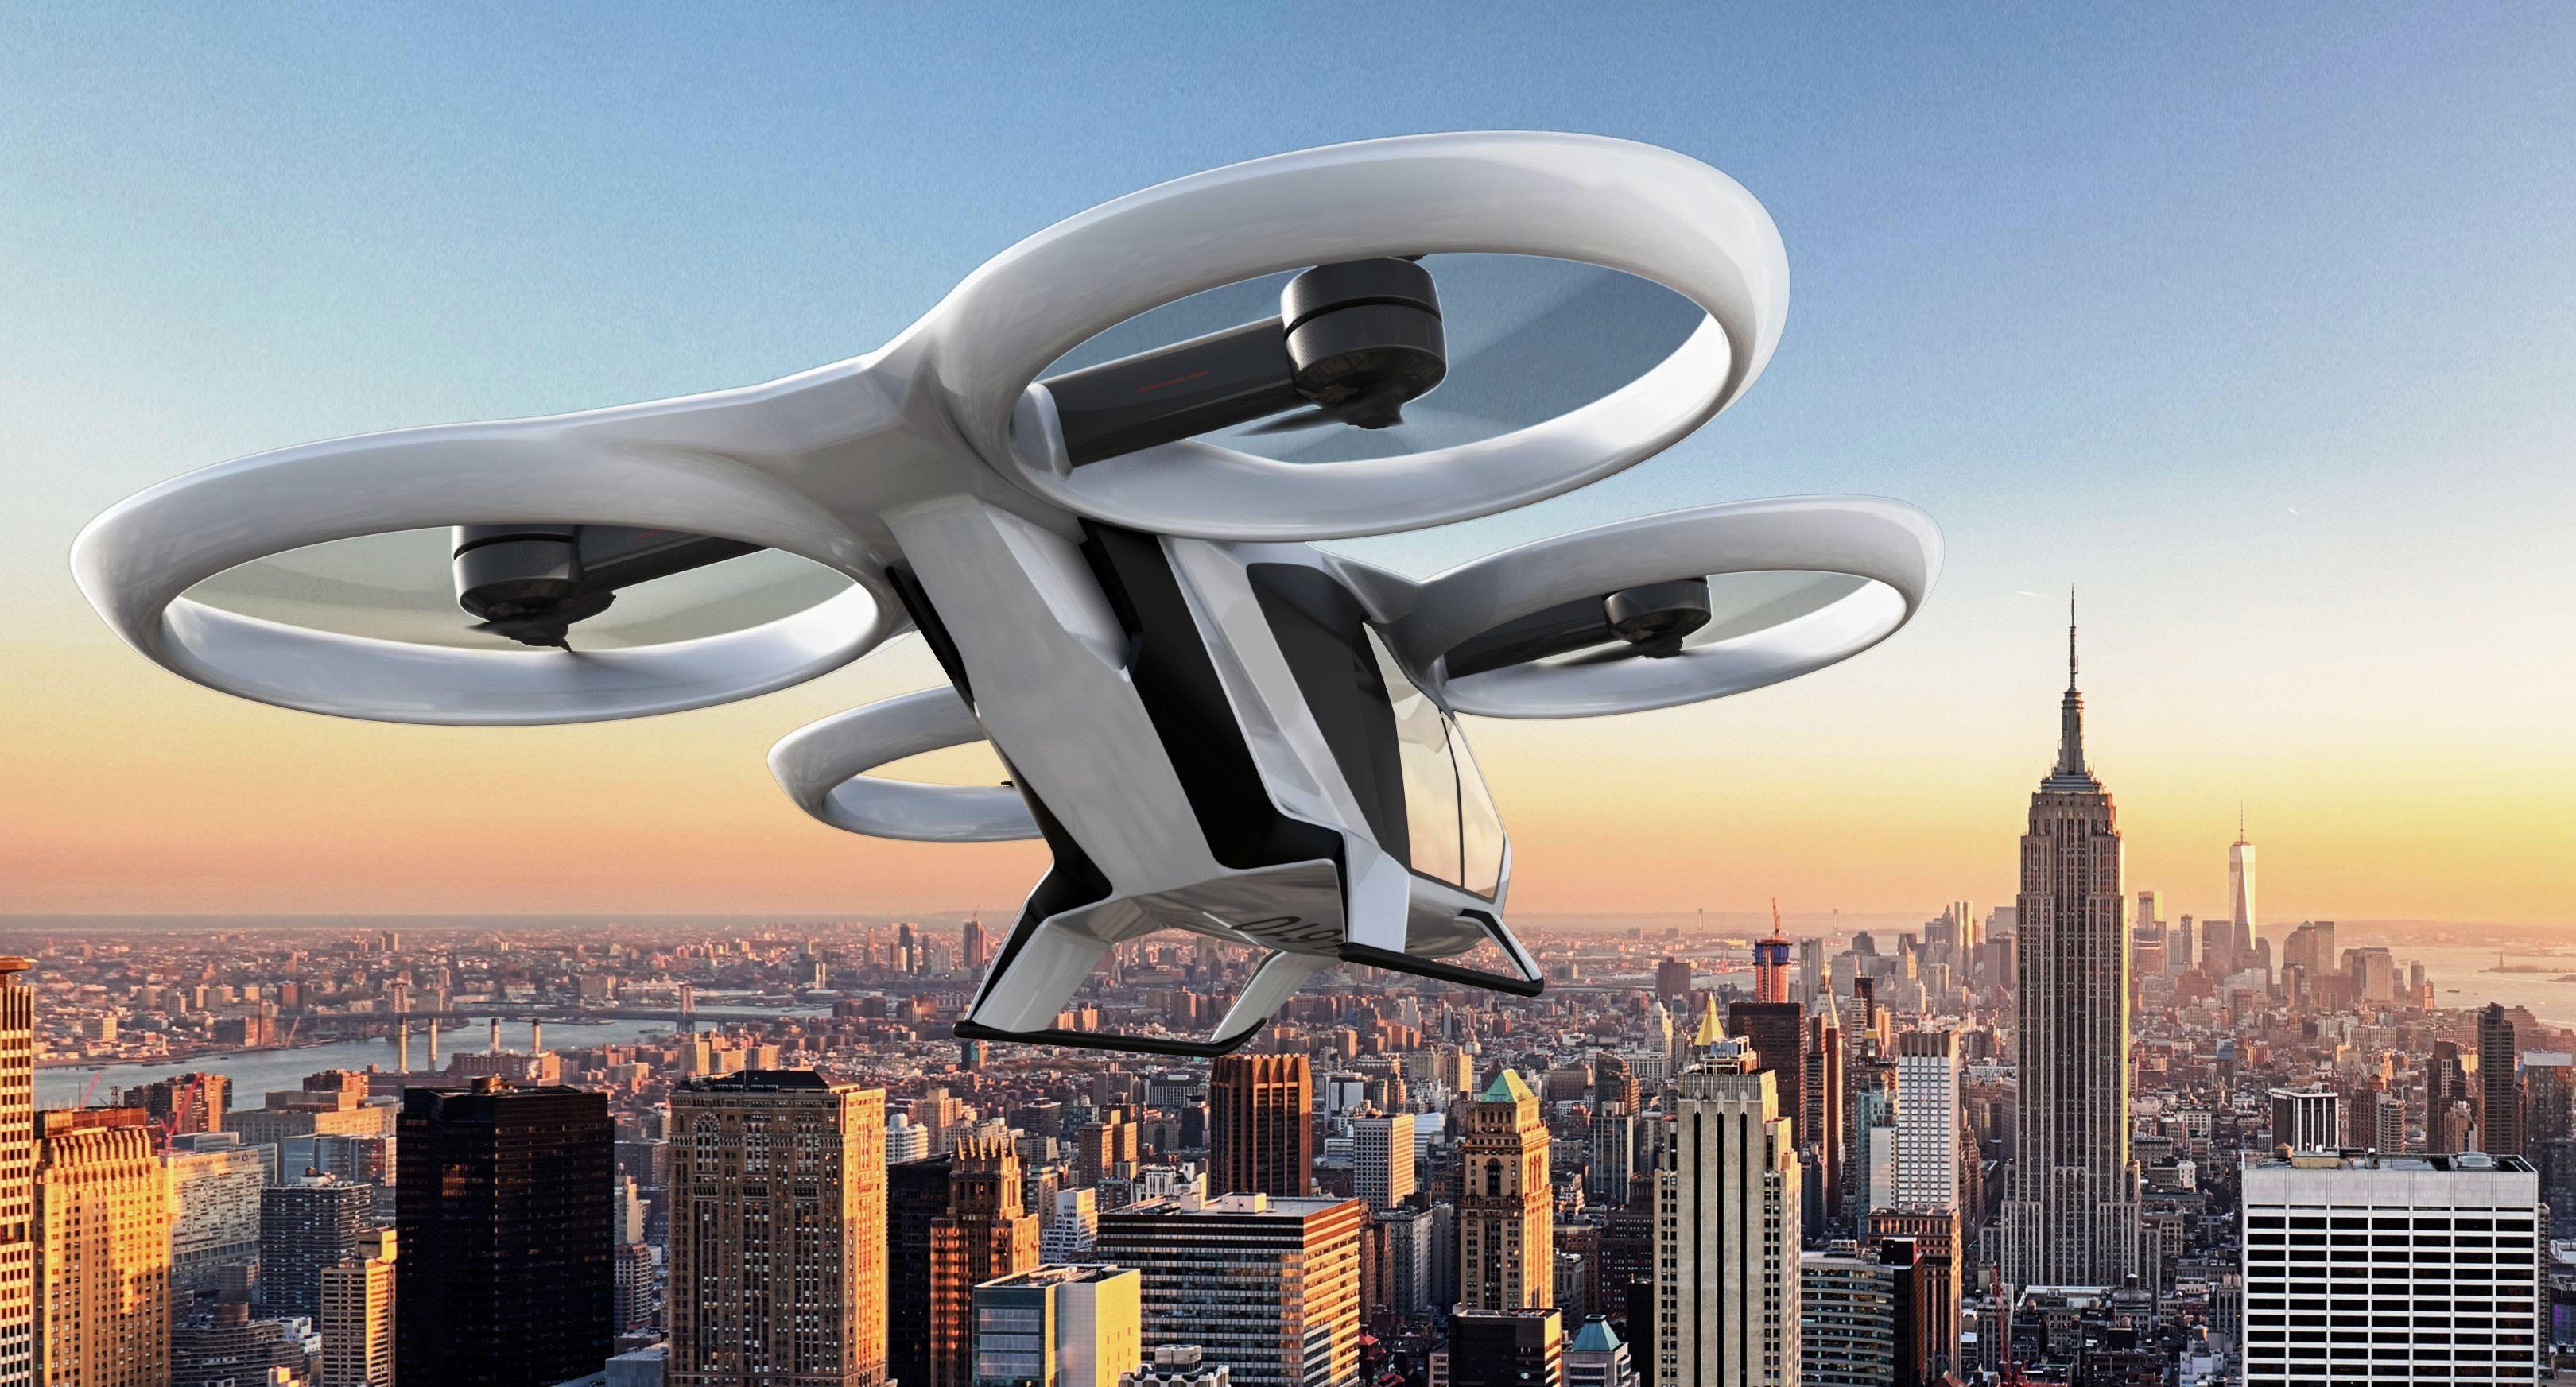 Airbus поднимет в небо прототип аэротакси будущего в 2018